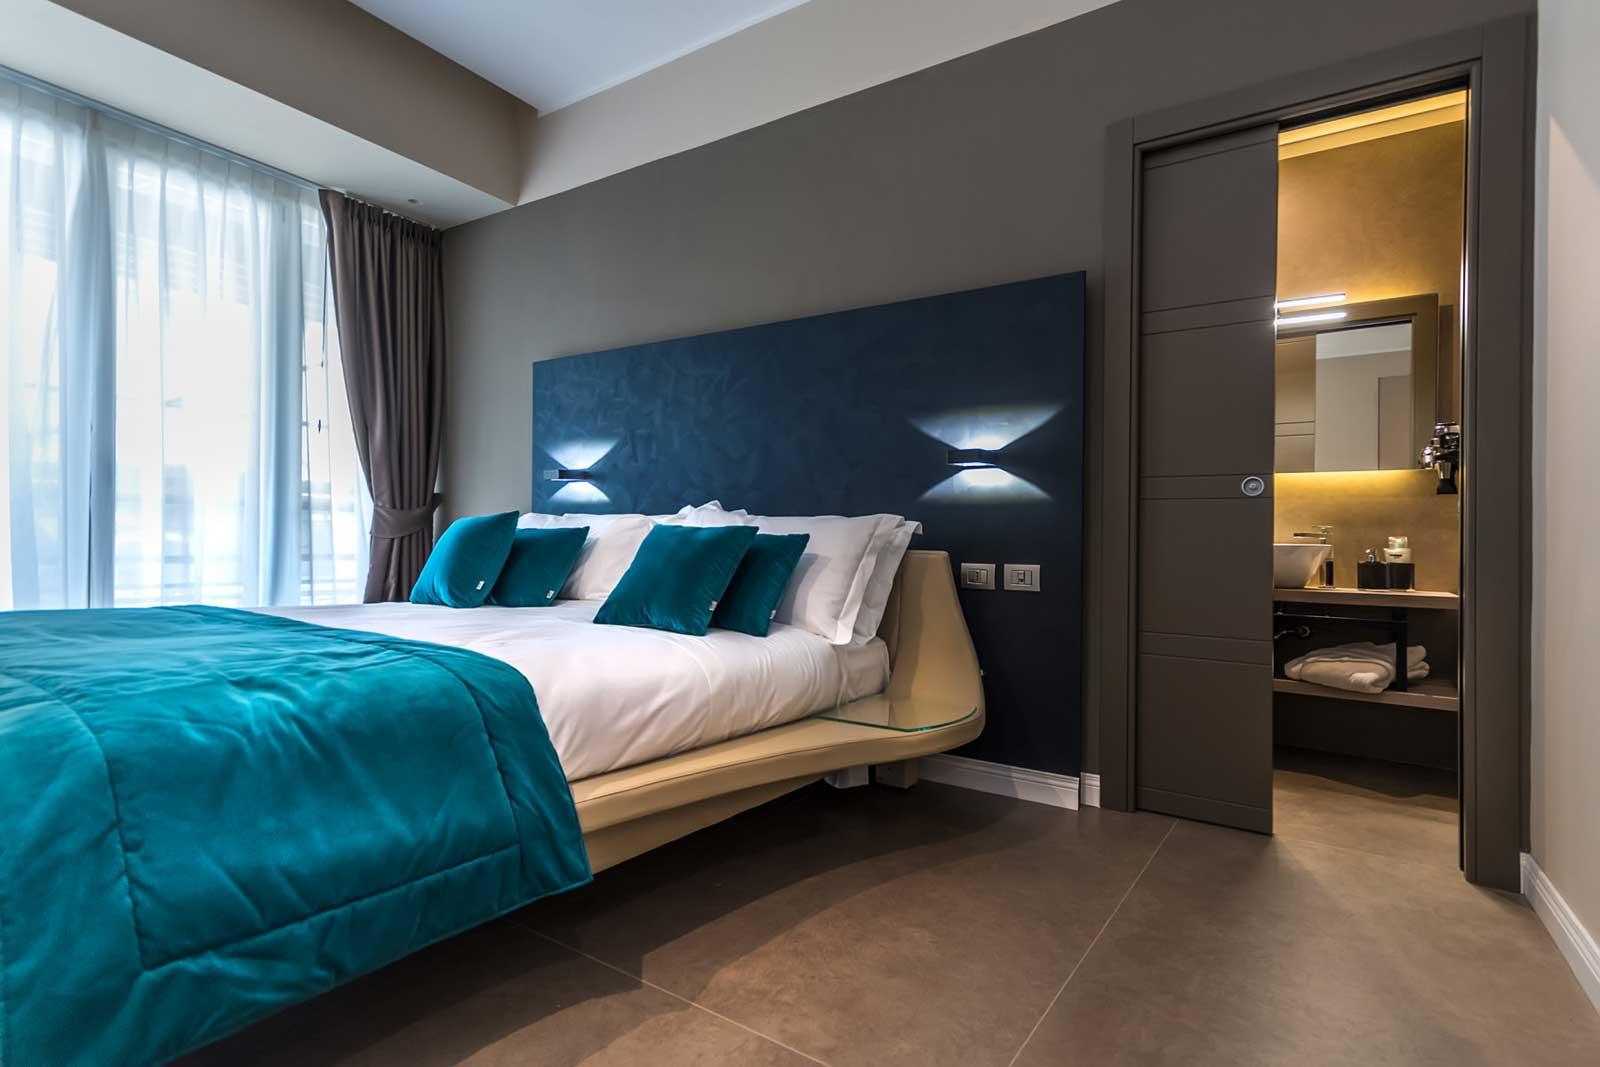 Camera e bagno Matilde lifestyle Hotel Napoli